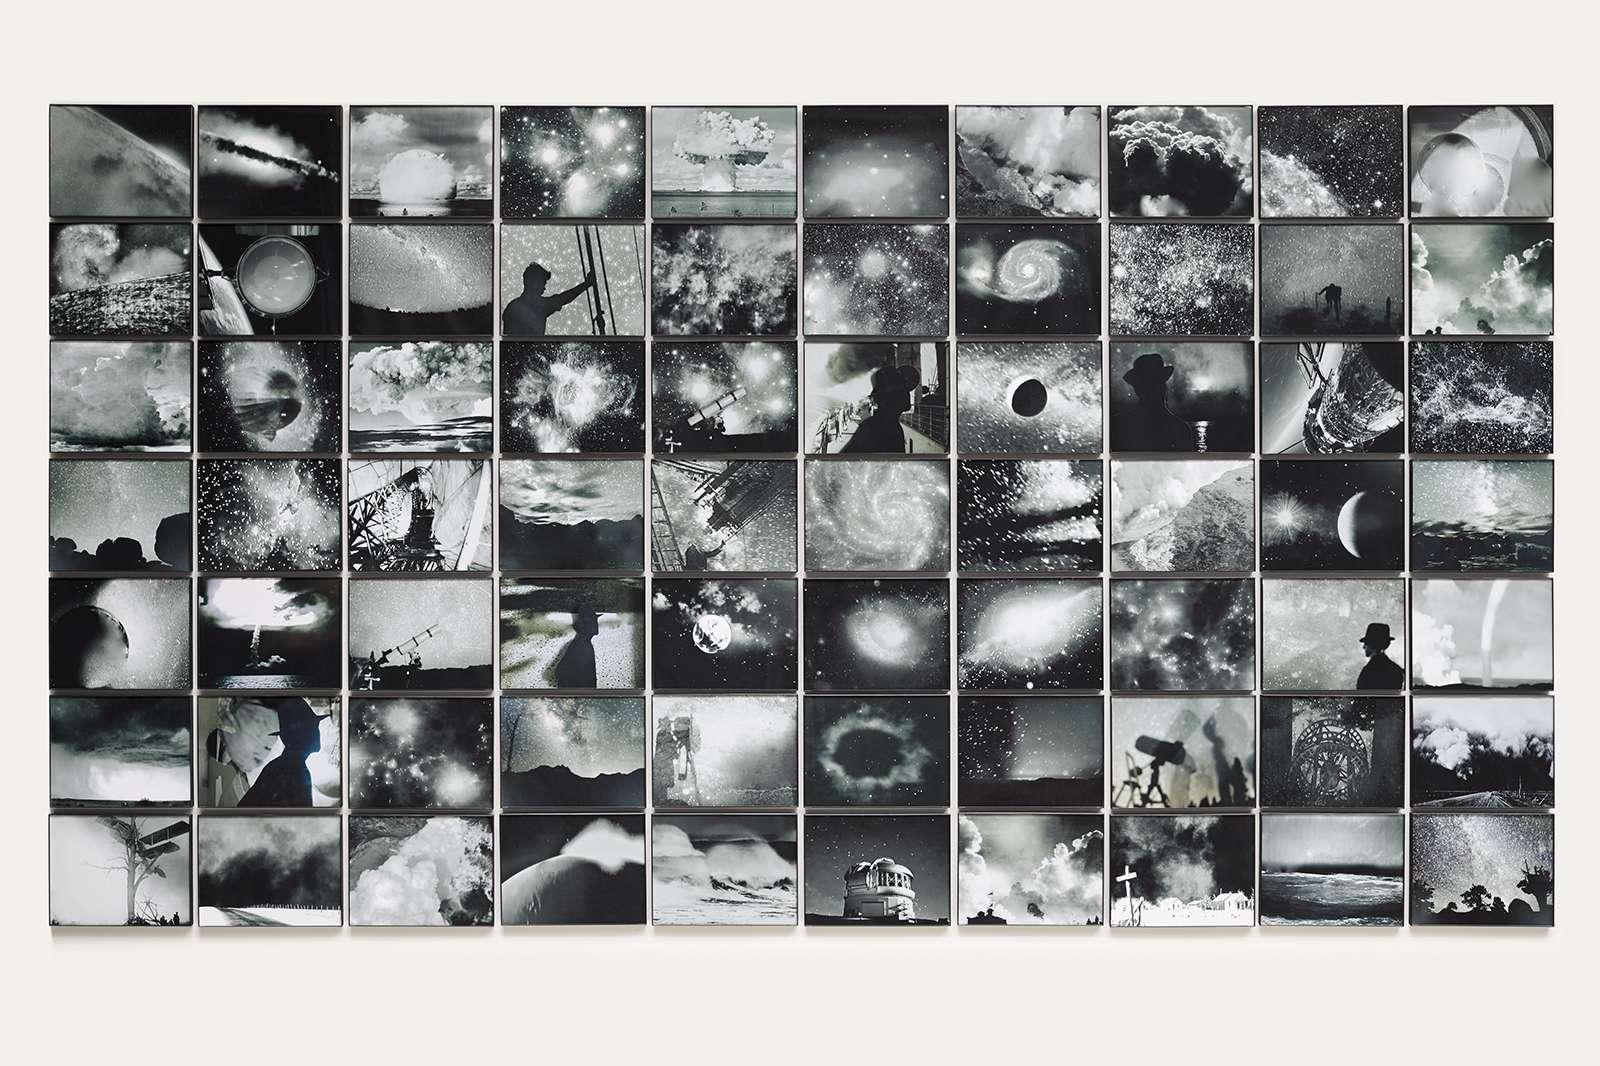 Michelle Stuart, Hear the Mermaids Sing, 2013. 70 framed archival inkjet photographs. 65 × 114 in. Courtesy of the artist and Galerie Lelong & Co.